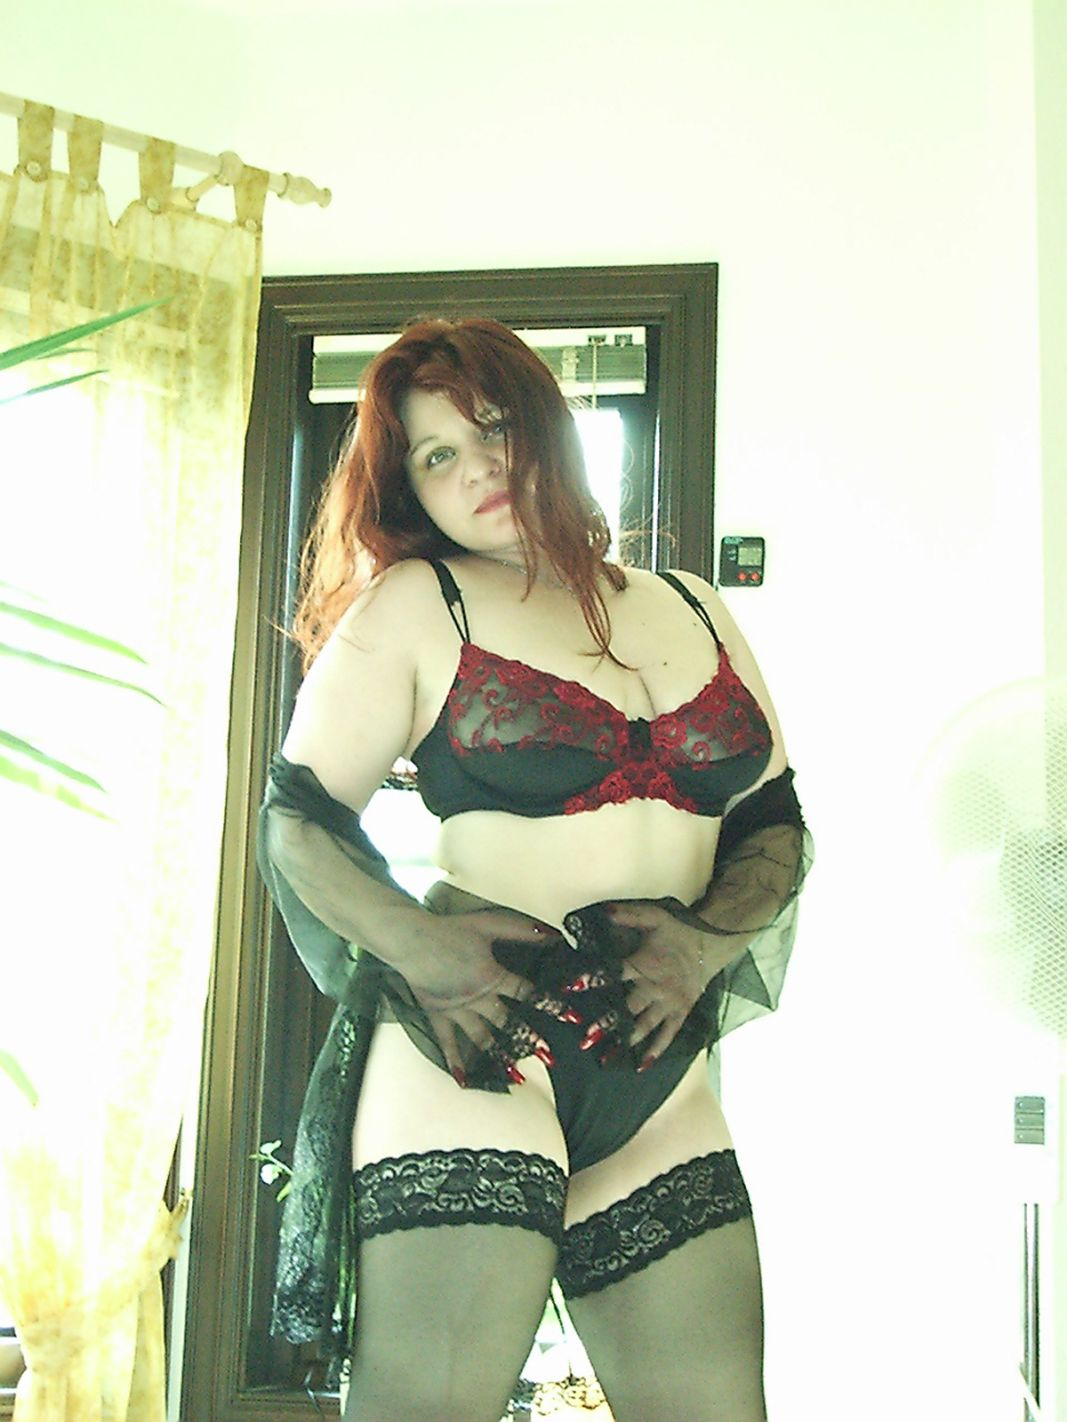 Pummelige Frau in Unterwäsche